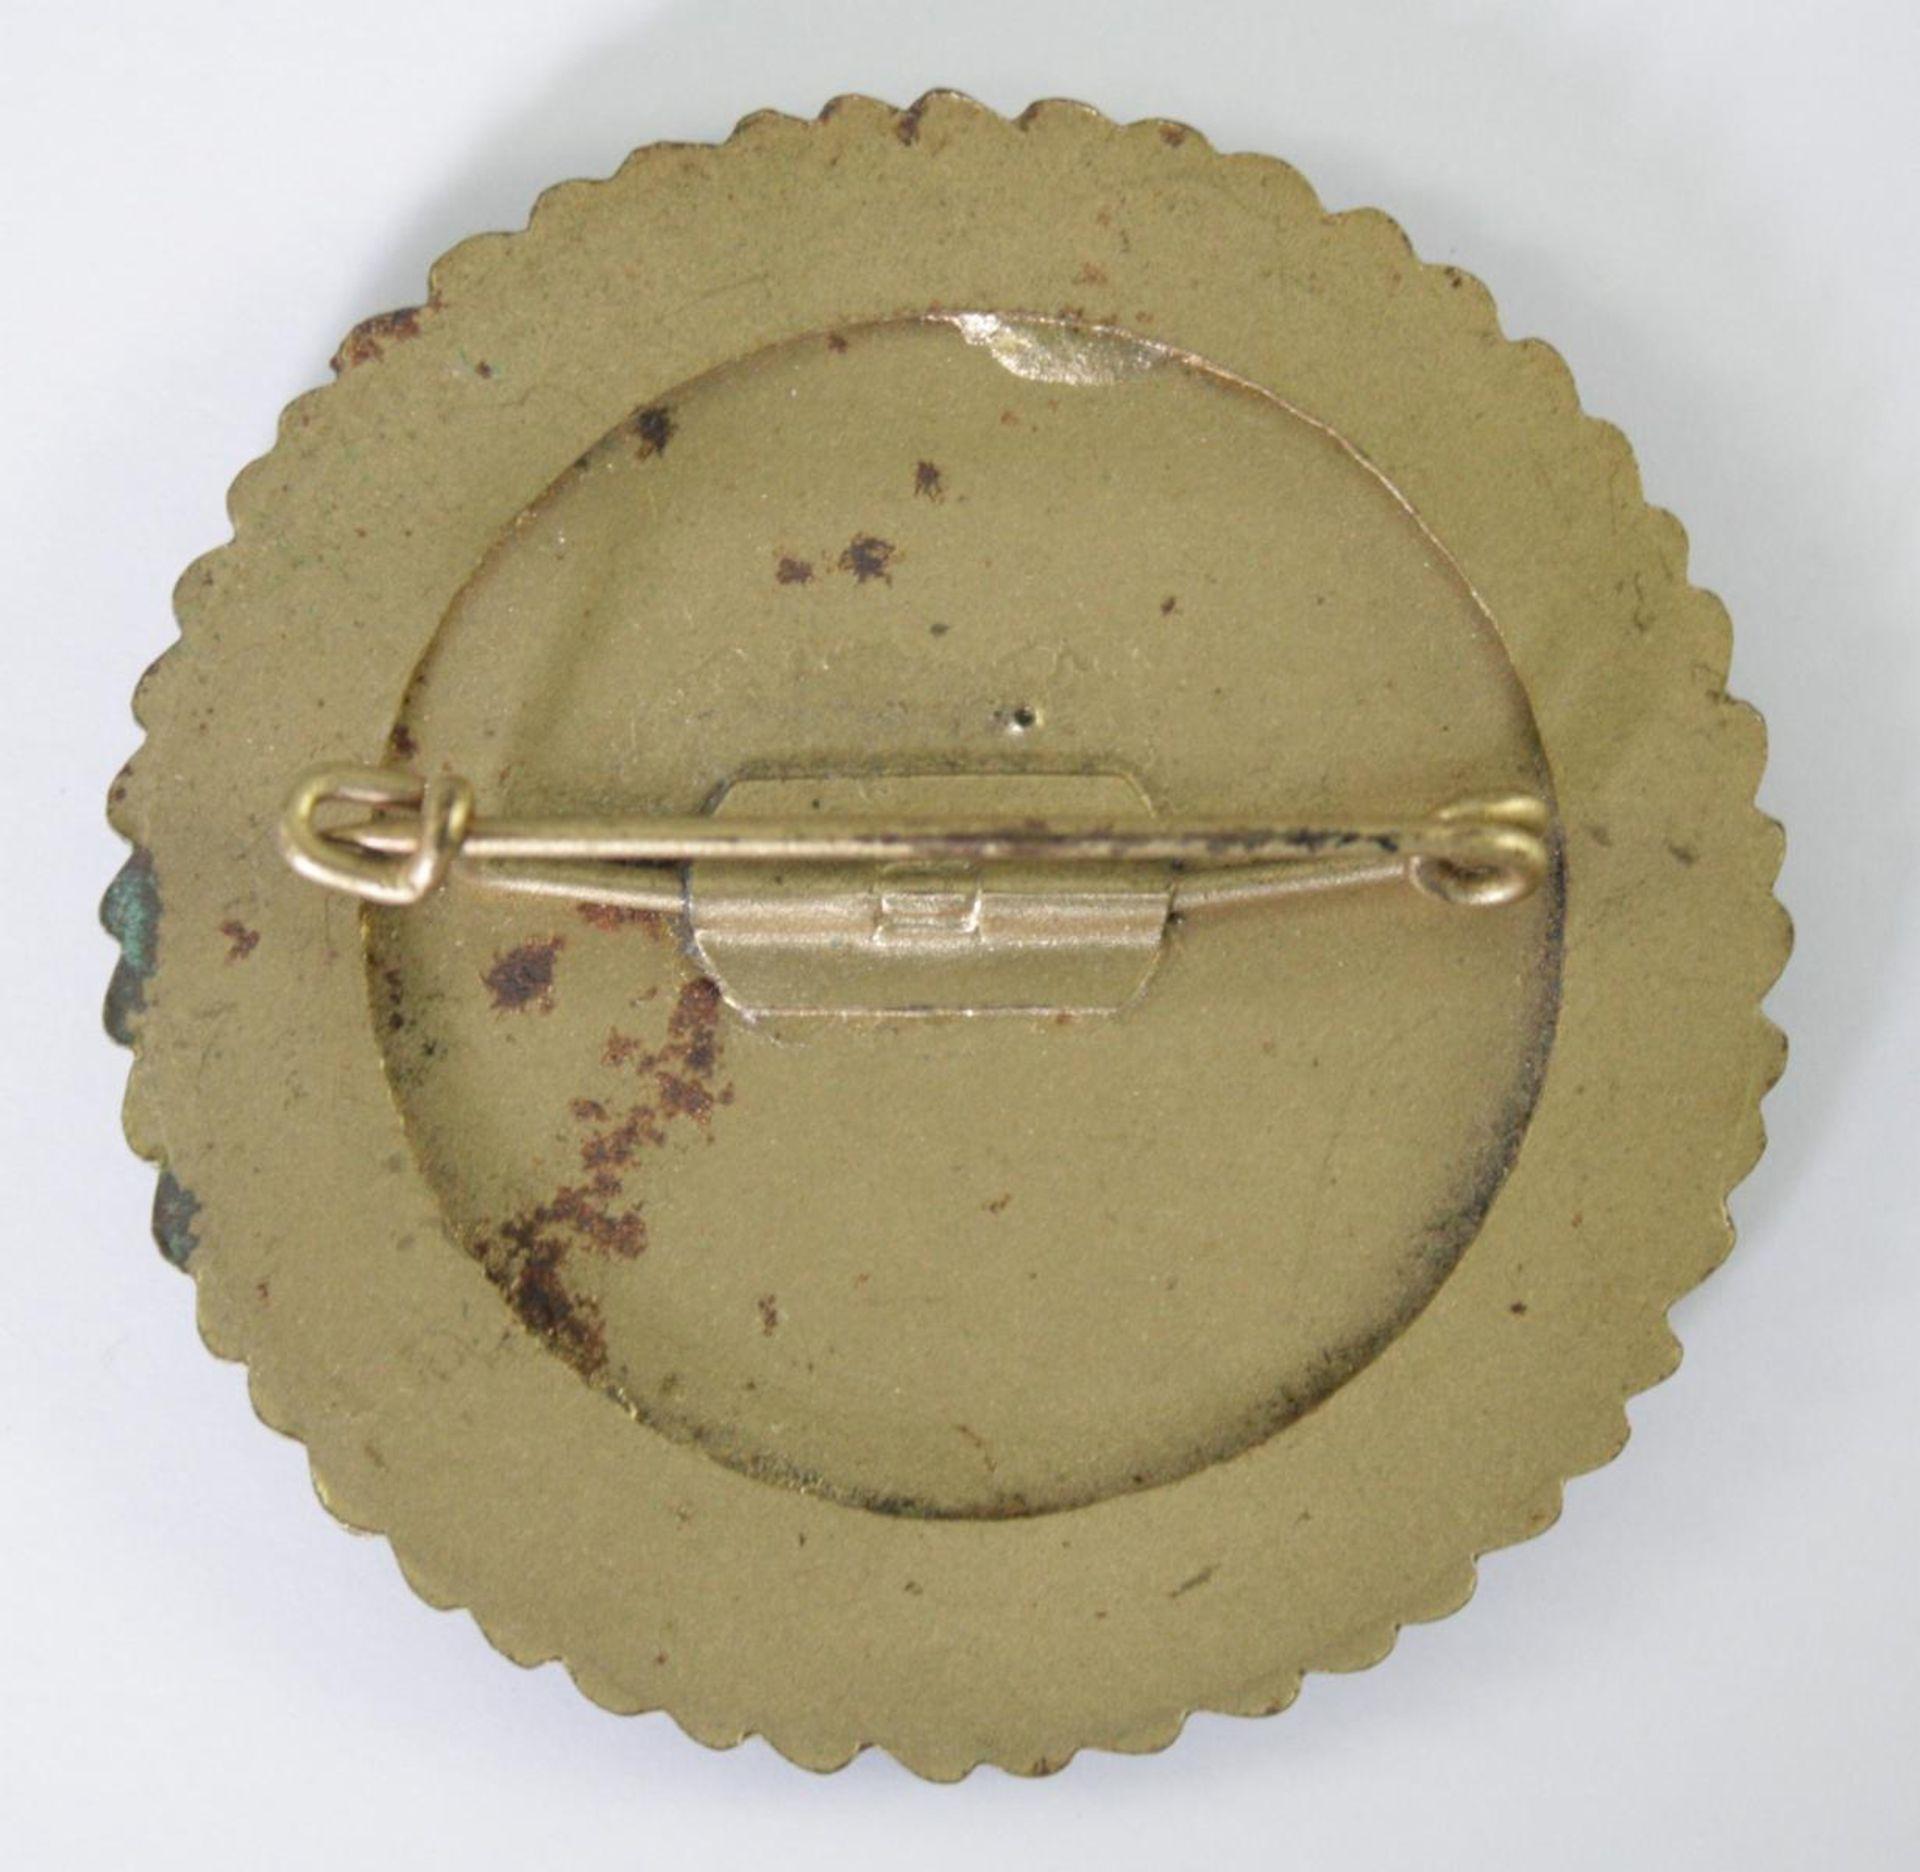 Standschützen, Schieß-Abzeichen Tirol 1943 für Pistole - Bild 2 aus 2